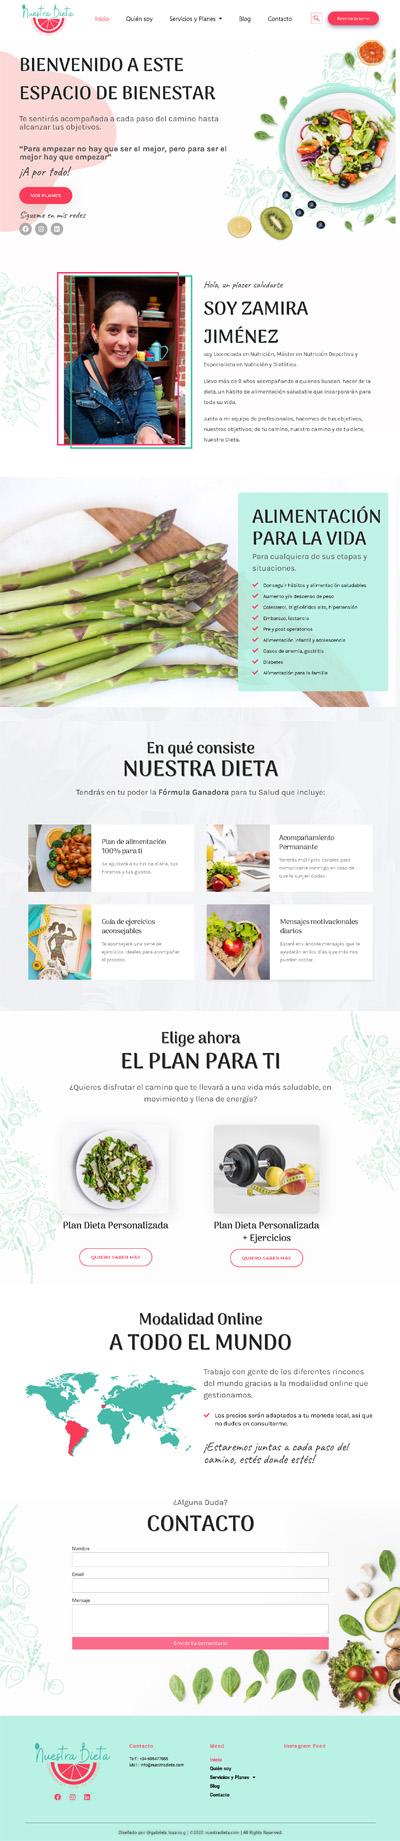 nuestradieta.com – ¡Una vida plena y saludable! - nuestradieta